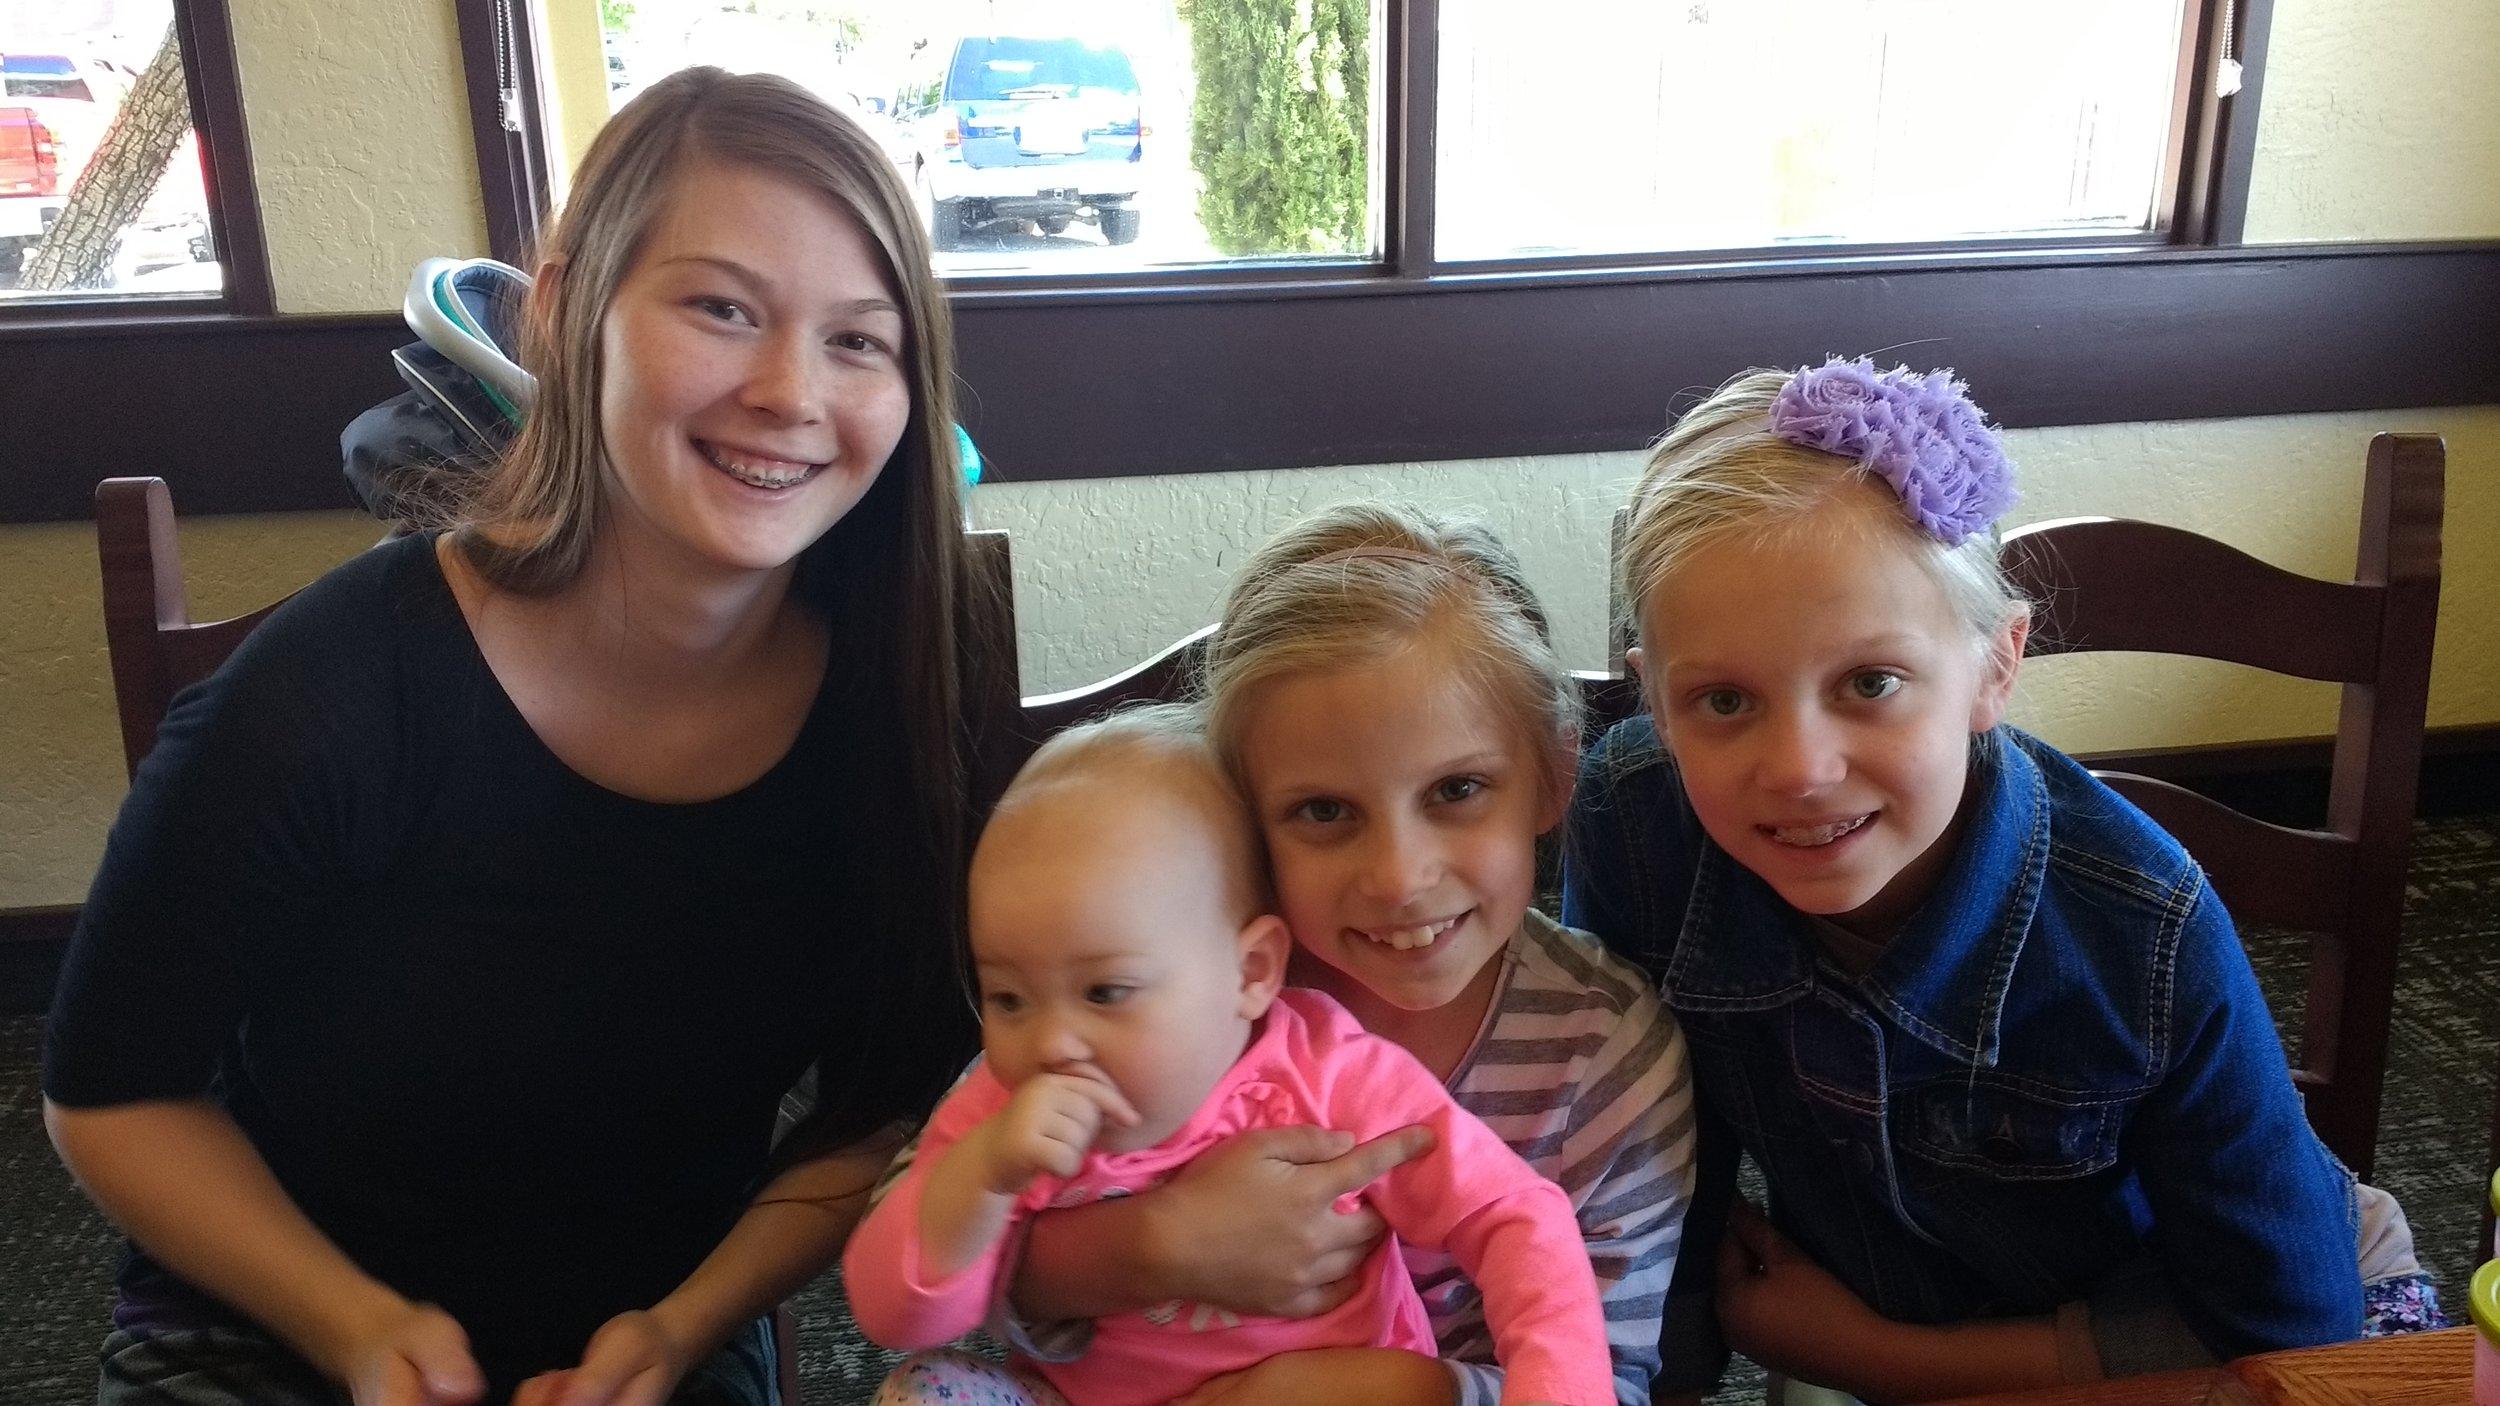 Sis. Megun, Eliyah, Mandy and Emily